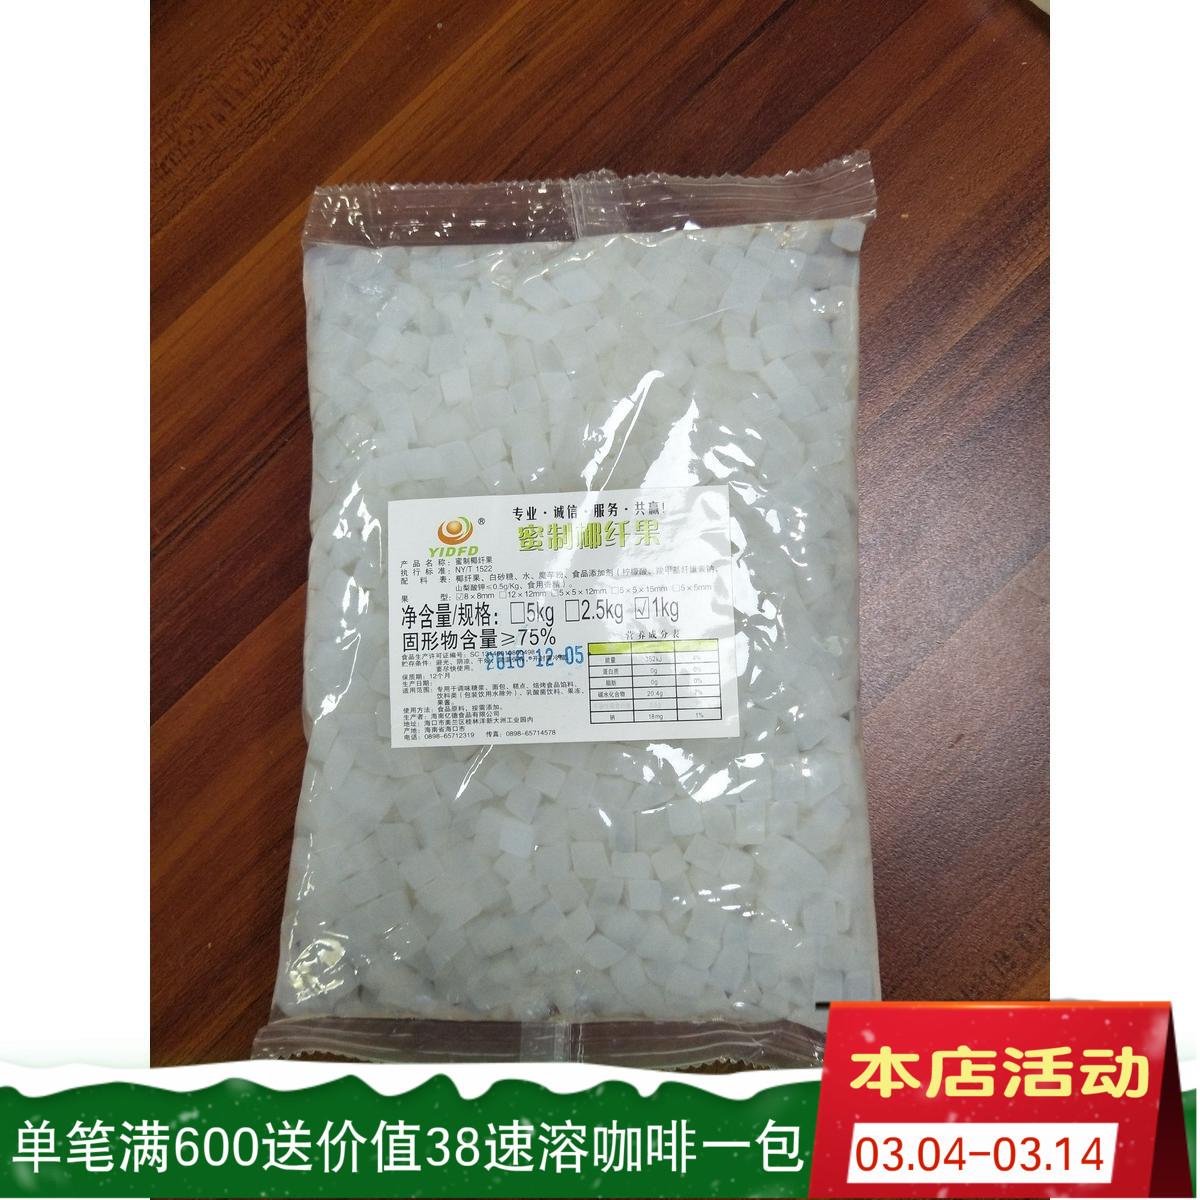 亿德原味蜜制椰果20包每箱奶茶甜品COCO专用江浙沪皖包邮量大优惠